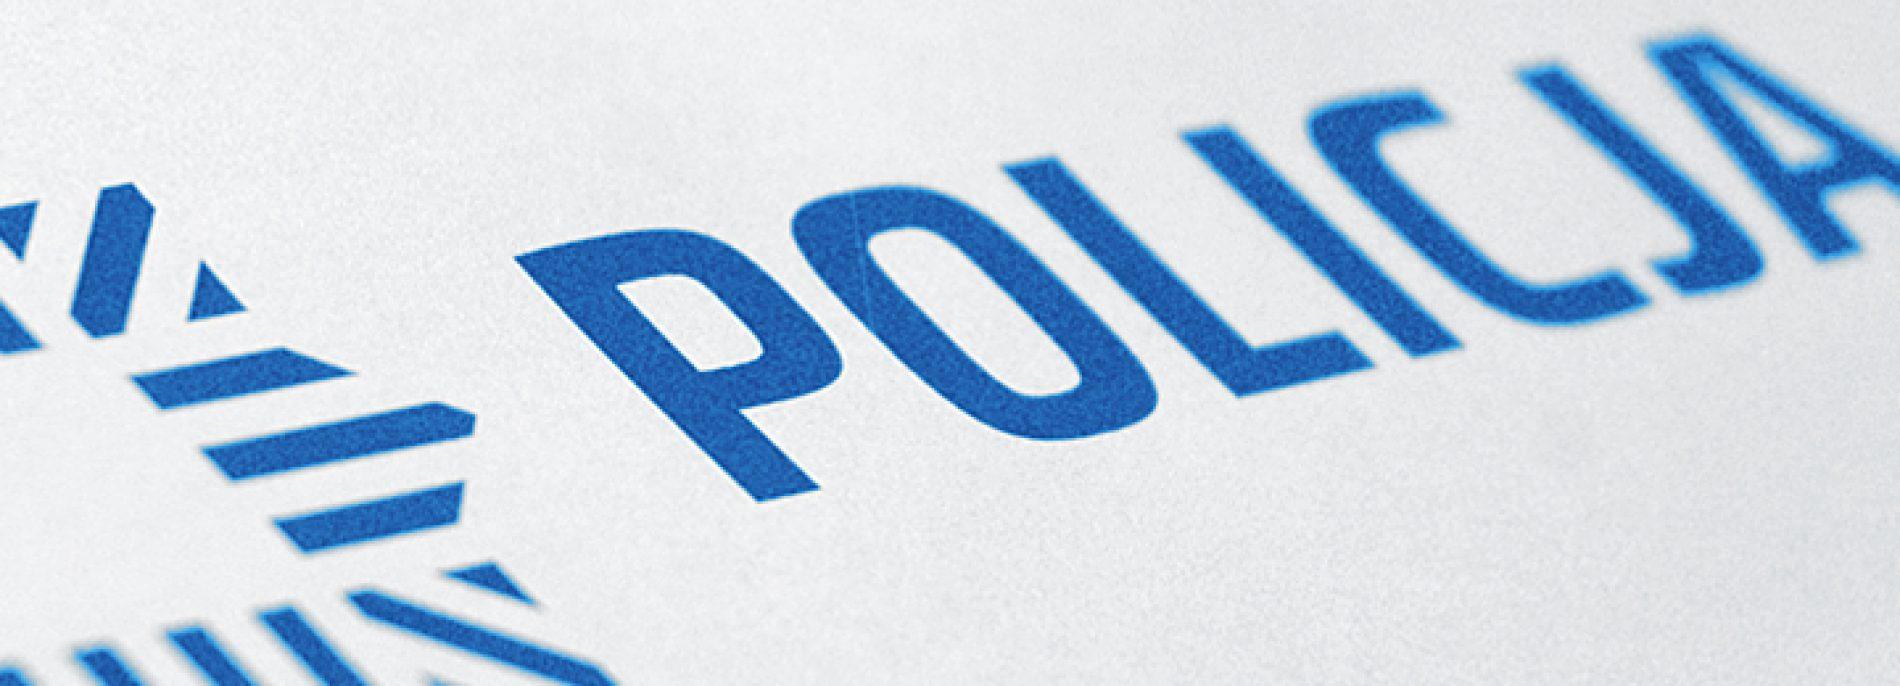 Olsztyńscy policjanci zatrzymali 4 nieuczciwych przedsiębiorców